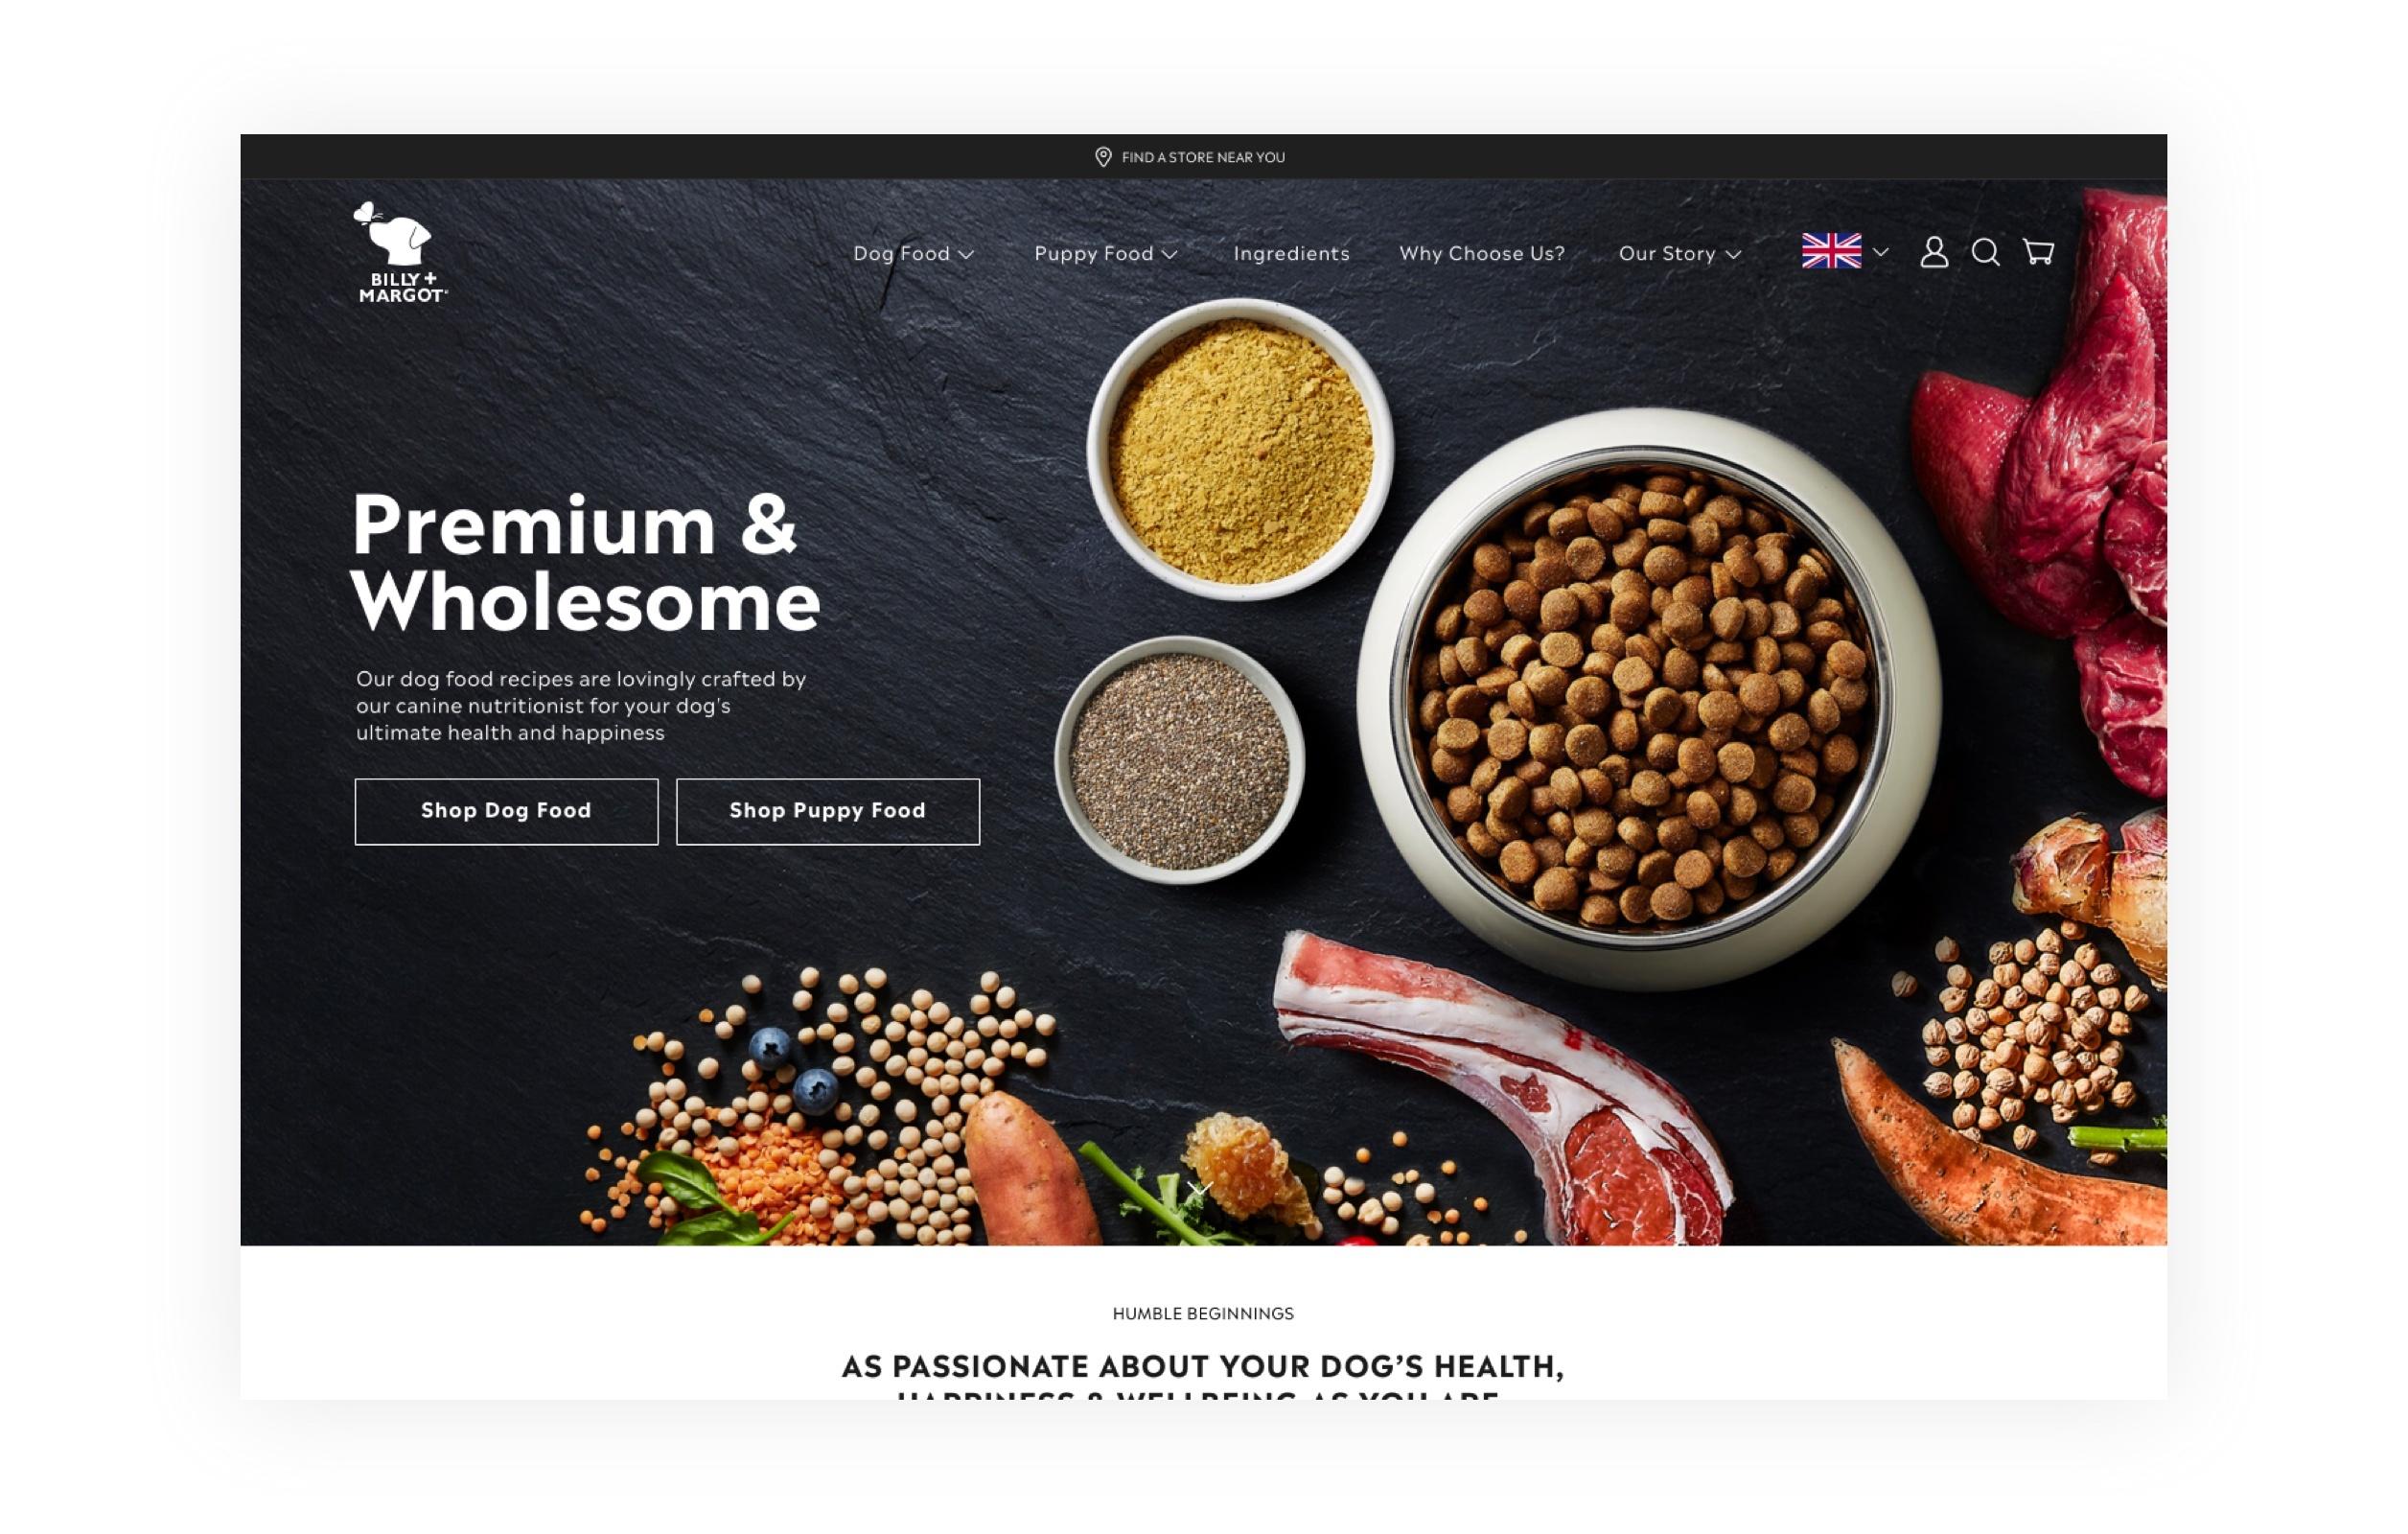 petfoodco_case-study-landing-desktop-3